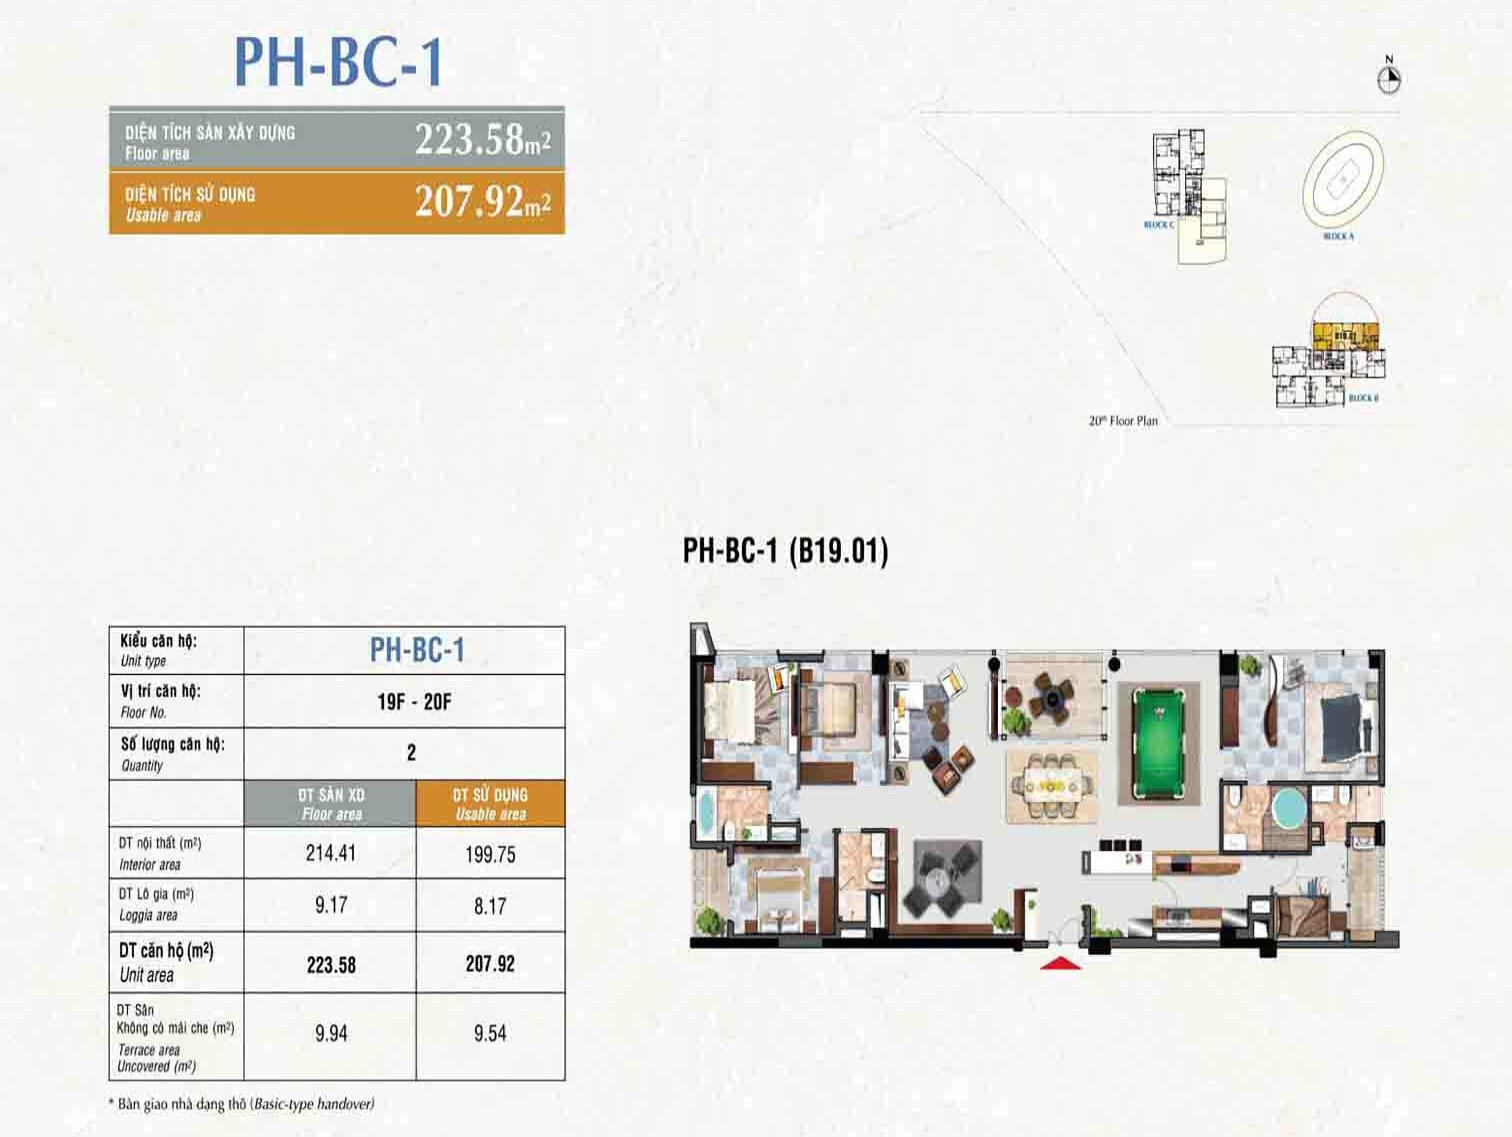 Type PH-BC-1